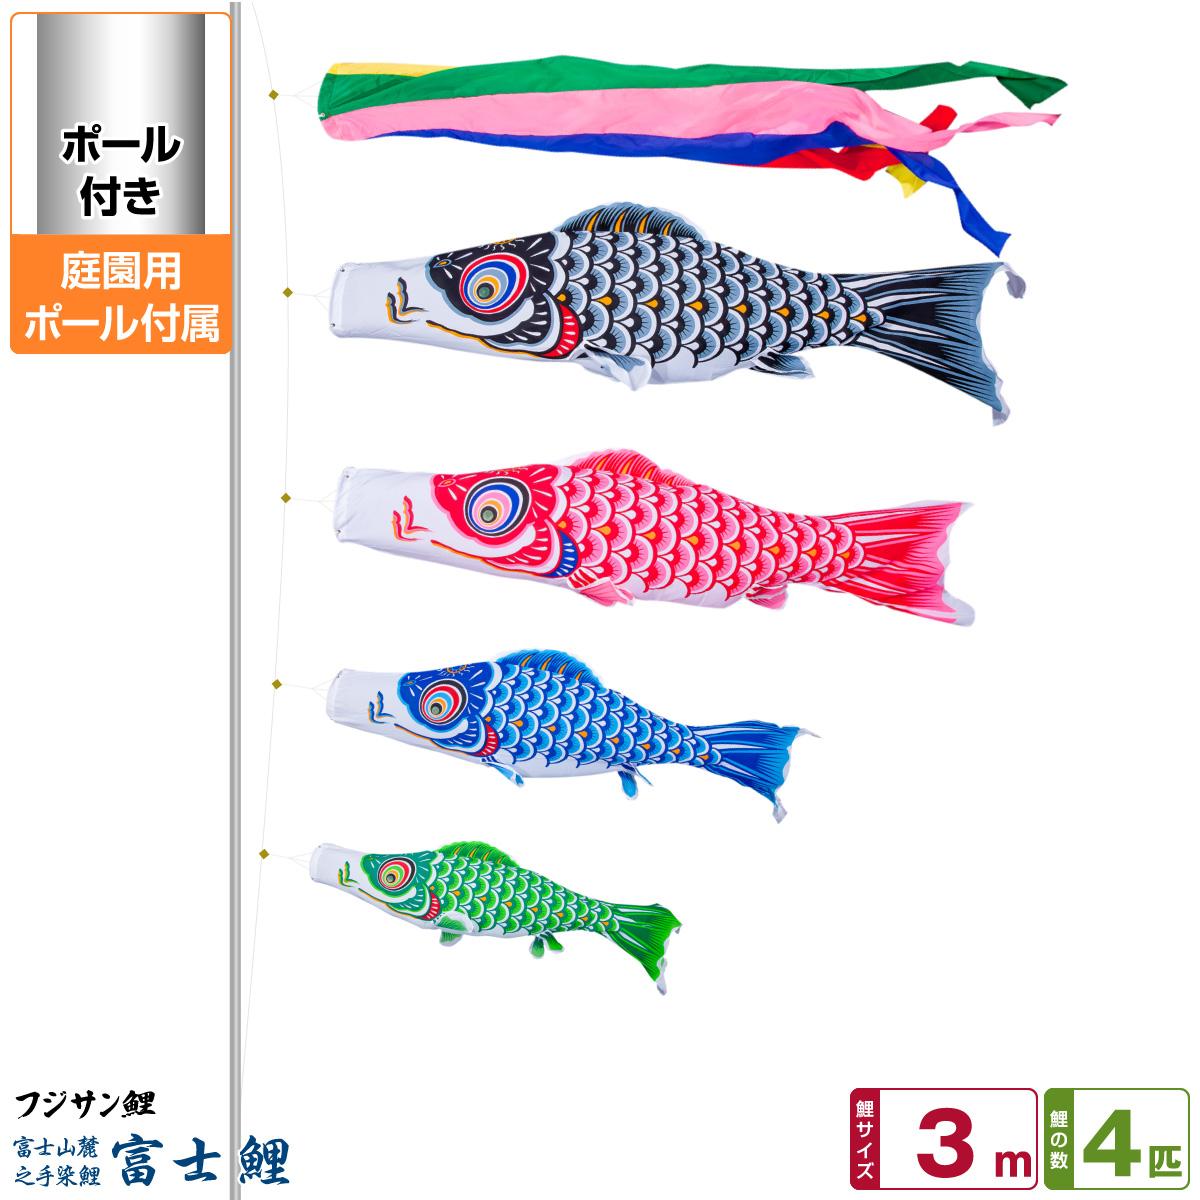 庭園用 こいのぼり 鯉のぼり フジサン鯉 富士鯉 3m 7点セット(吹流し+鯉4匹+矢車+ロープ) 庭園 ポール付属 ガーデンセット